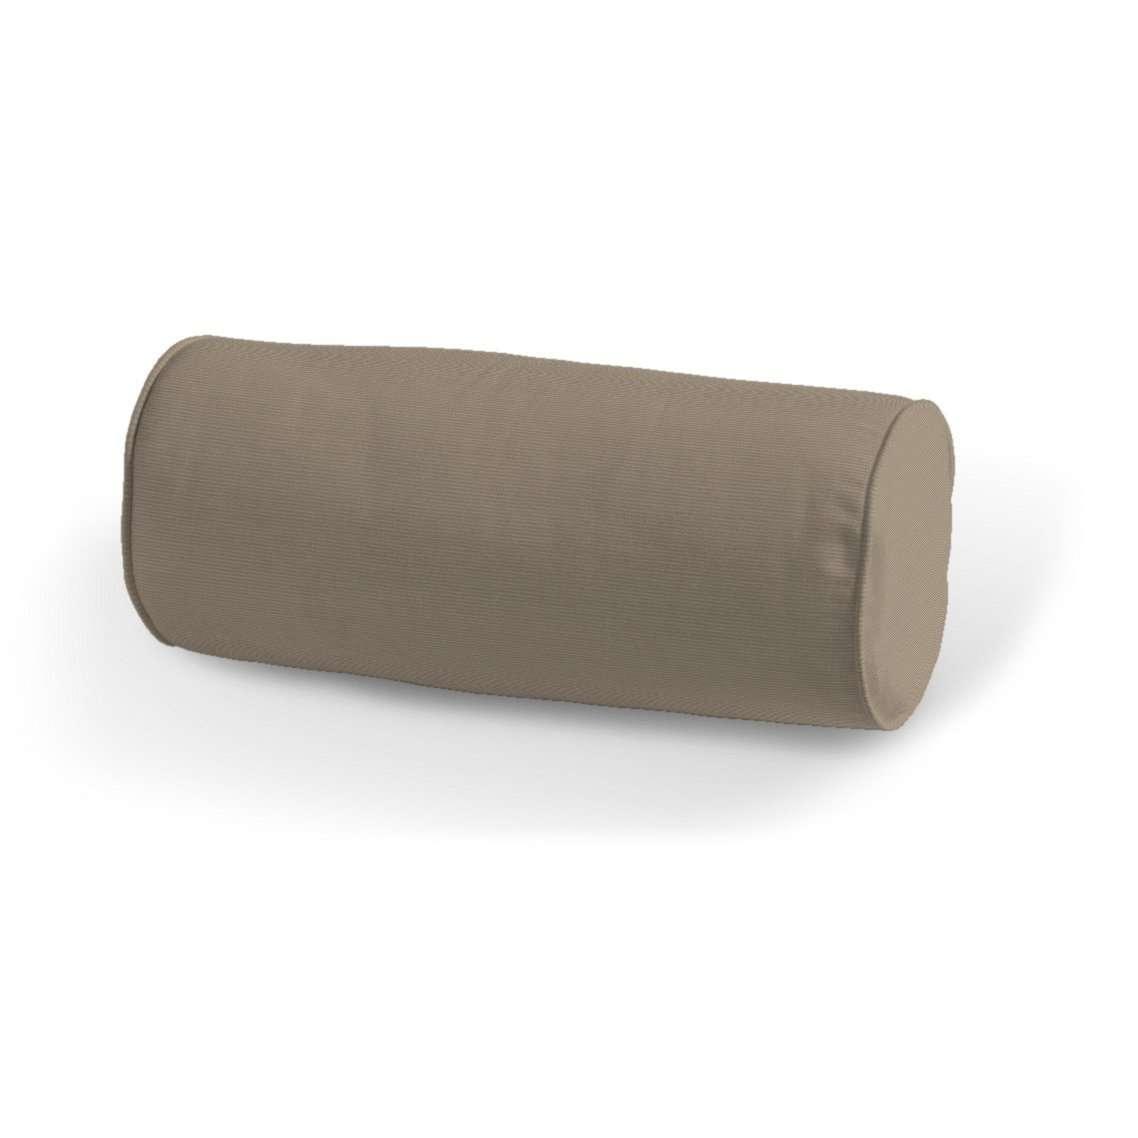 Einfache Nackenrolle Ø 16 x 40 cm von der Kollektion Cotton Panama, Stoff: 702-28